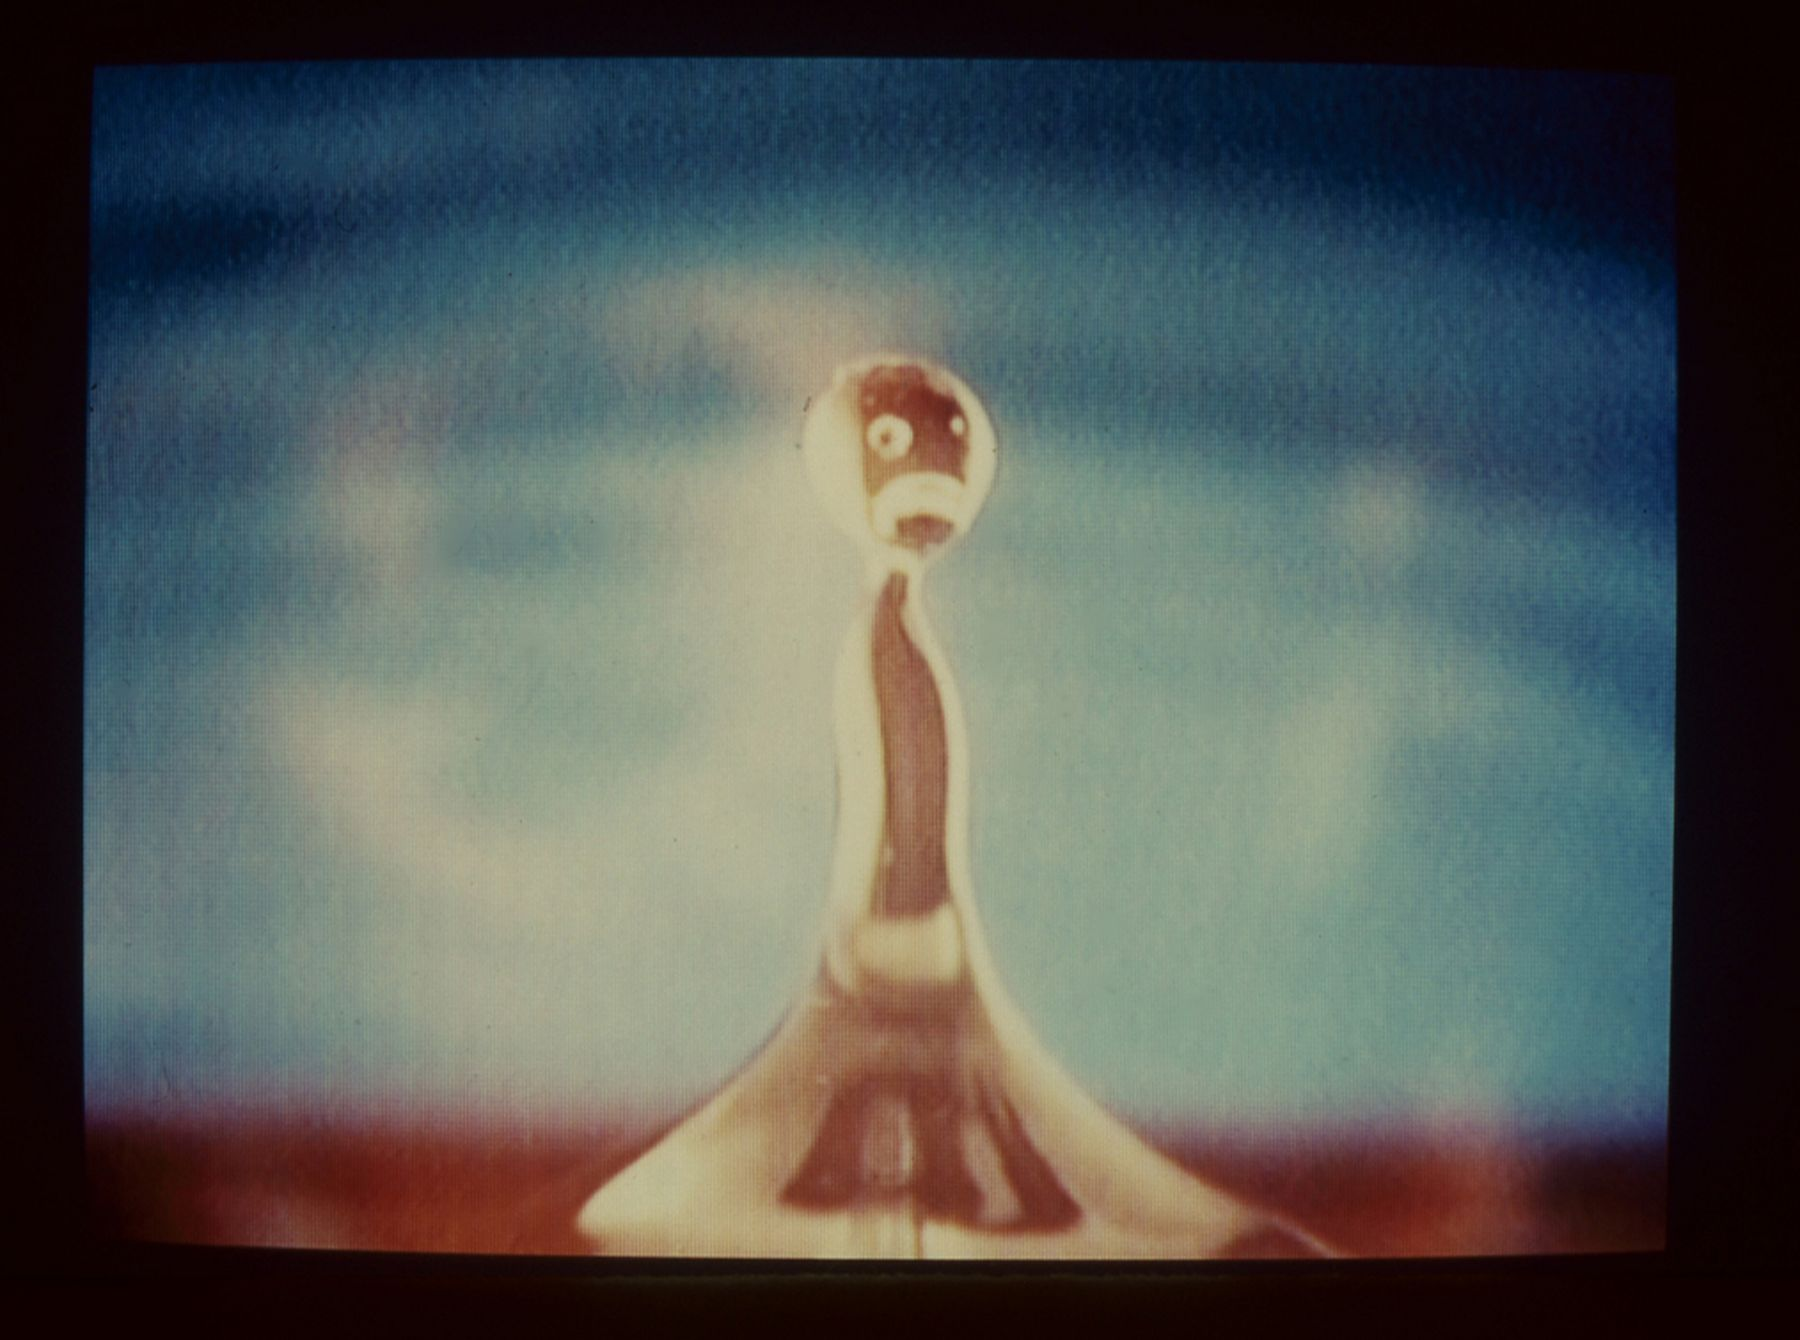 Traveller, 2001 video still